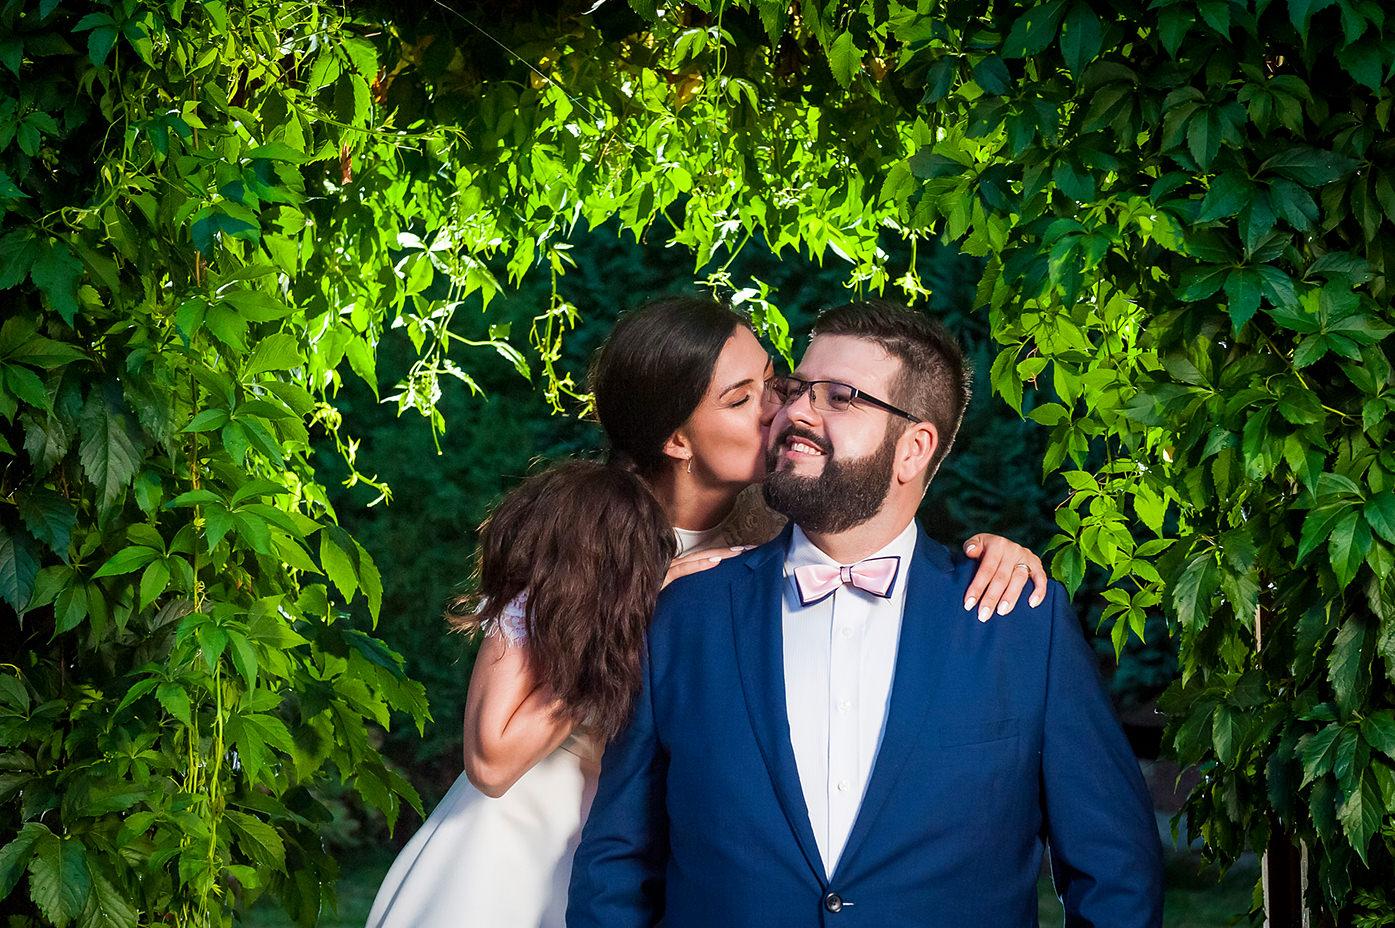 Rafał Kowalski Fotograf Ślubny opinie - para młoda pozująca na sesji w dniu ślubu w ogrodzie swojego domu w Gdyni